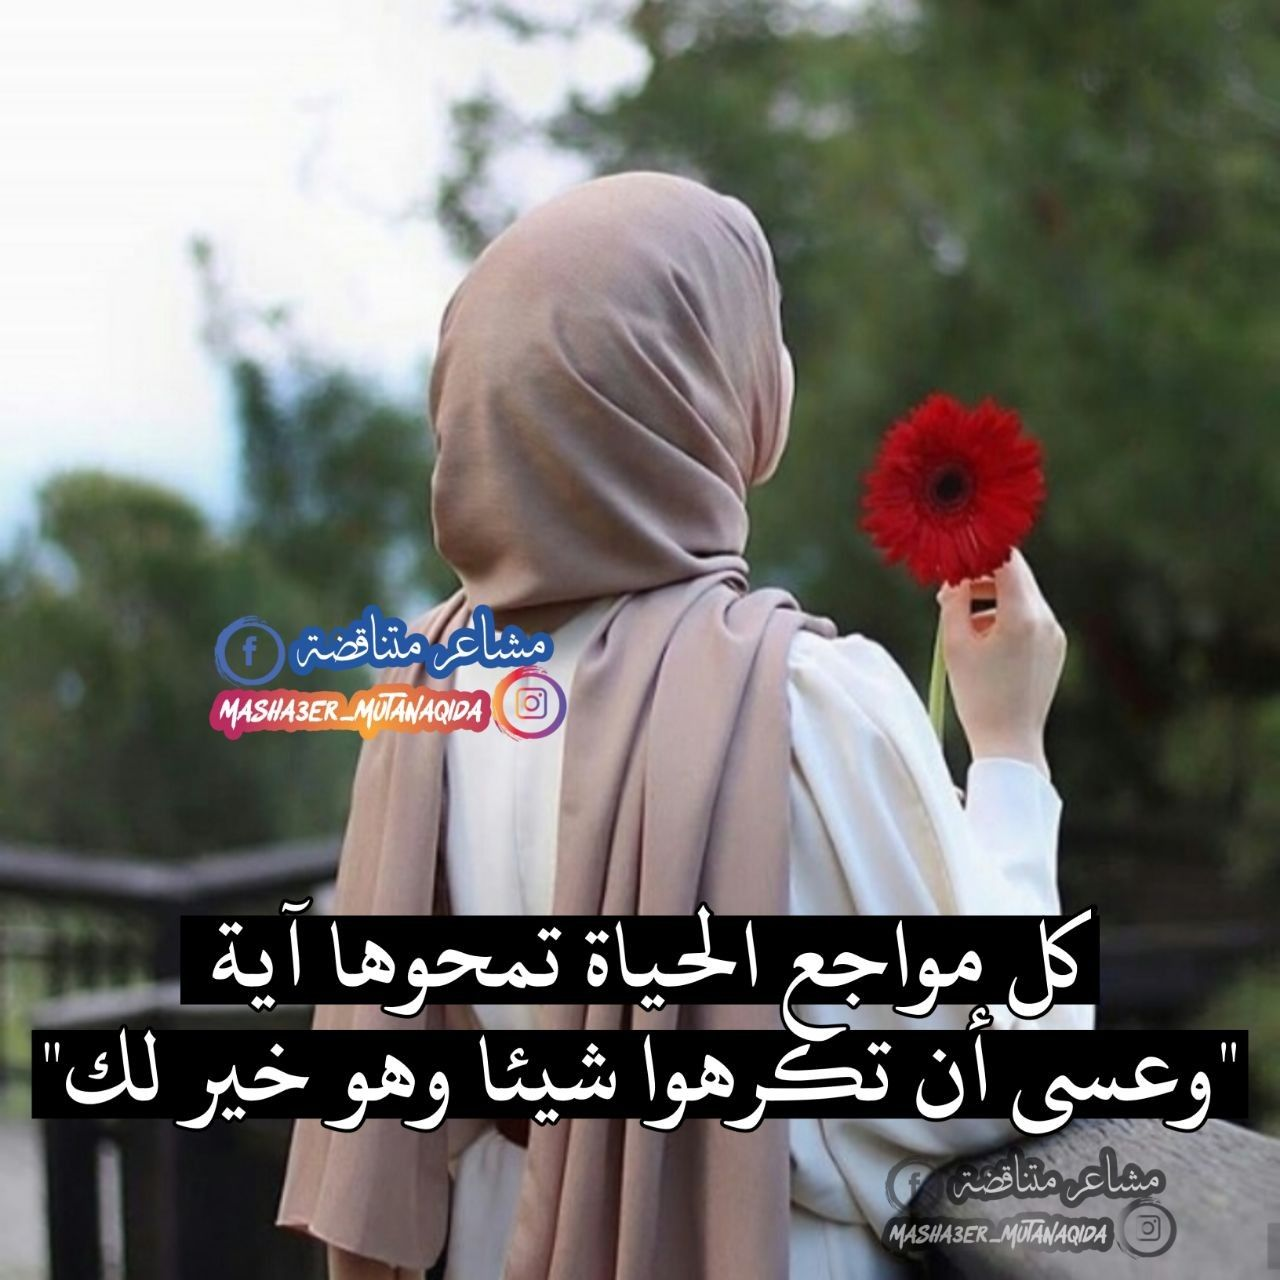 کل مواجع الحياة تمحوها آية وعسى أن تكرهوا شيئا وهو خير لك Arabic Love Quotes Words Quotes Love Quotes